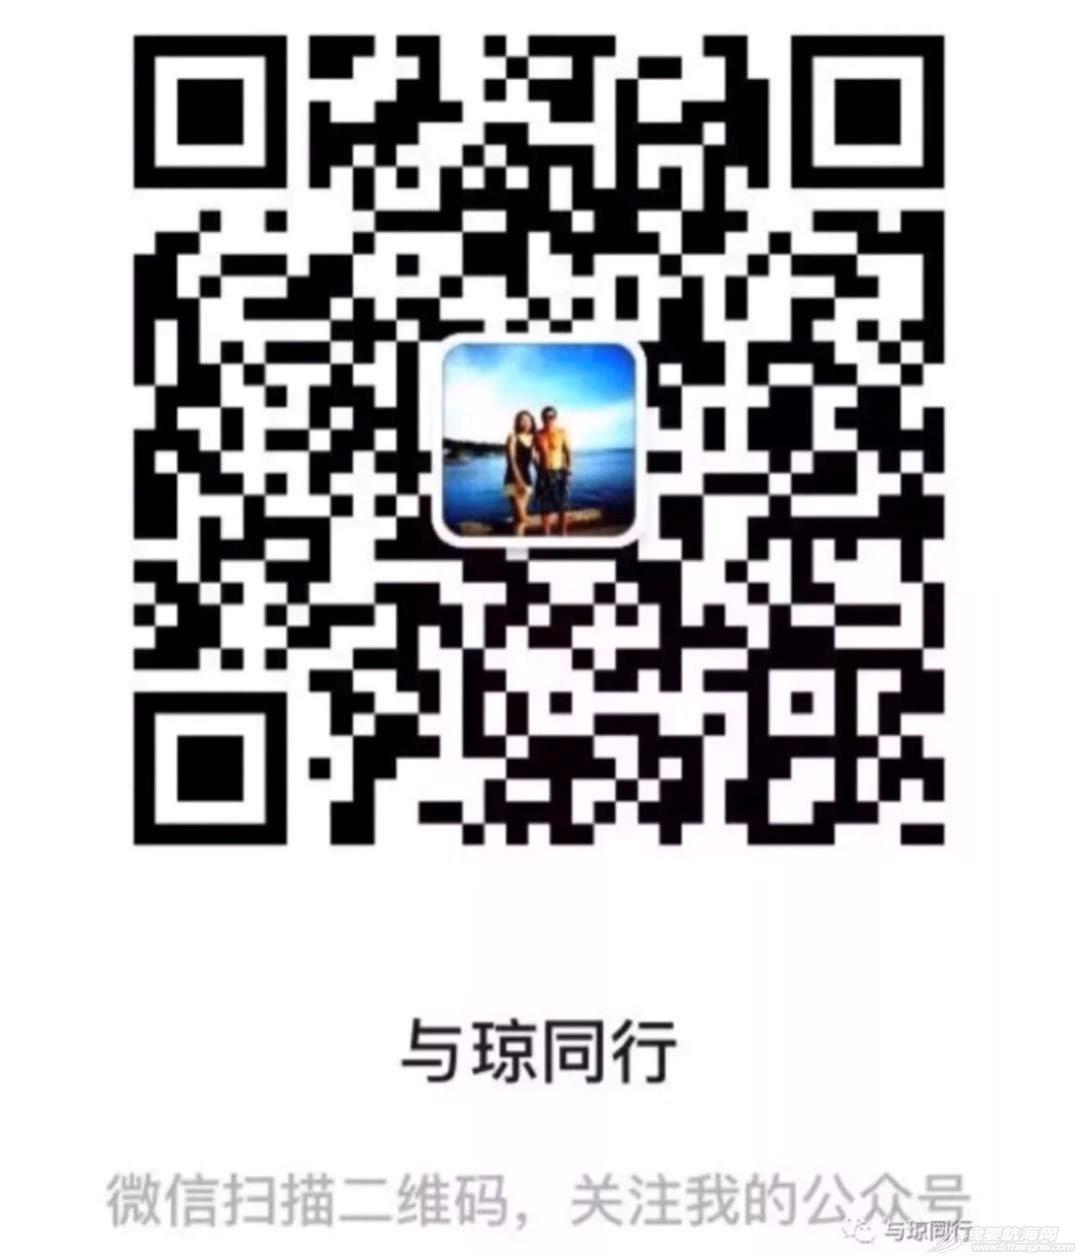 微信图片_20200217201020.jpg